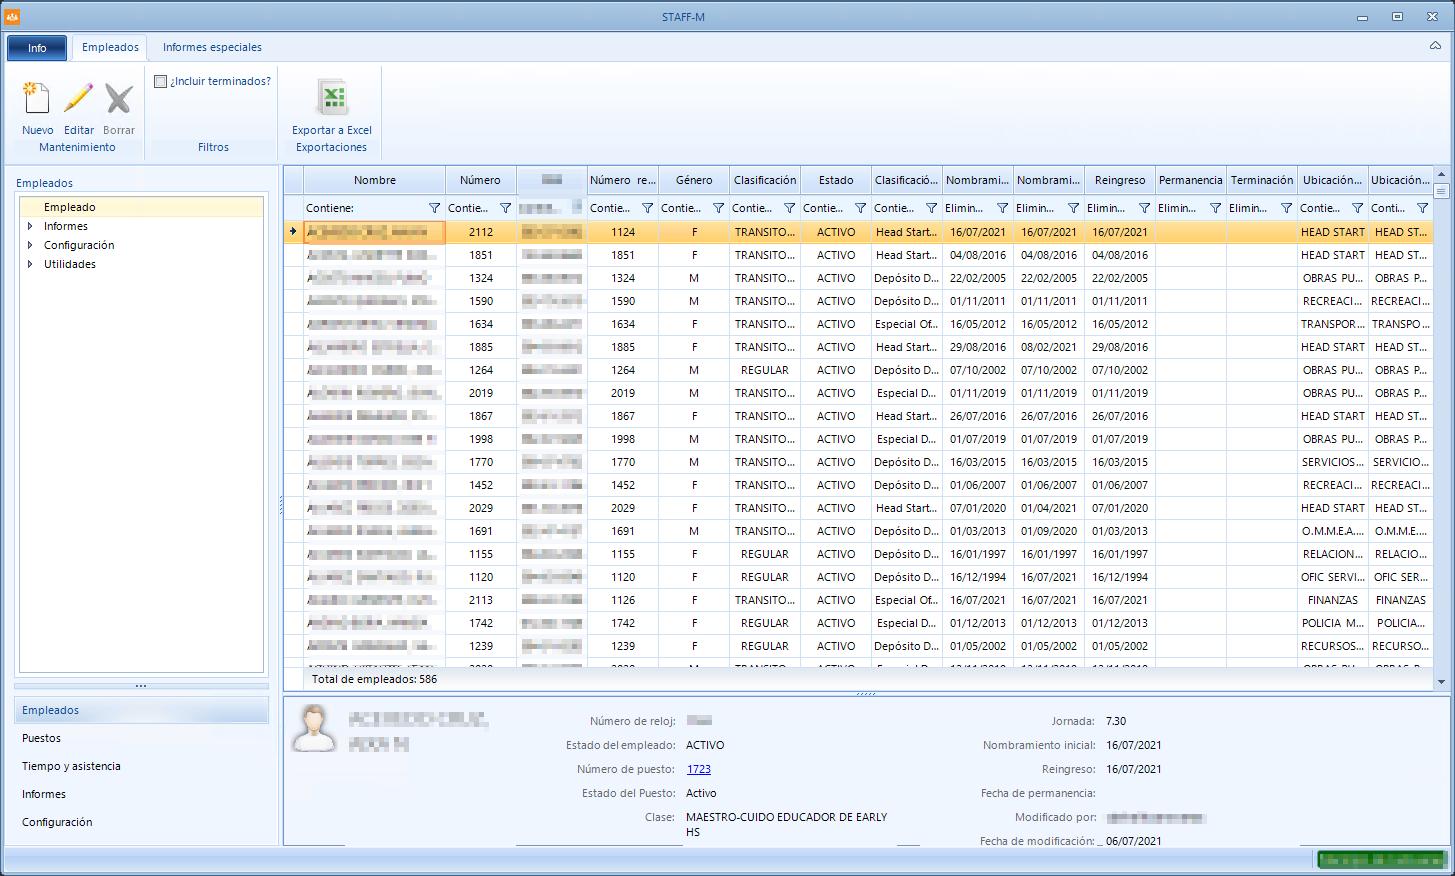 MicrosoftTeams-image (184)